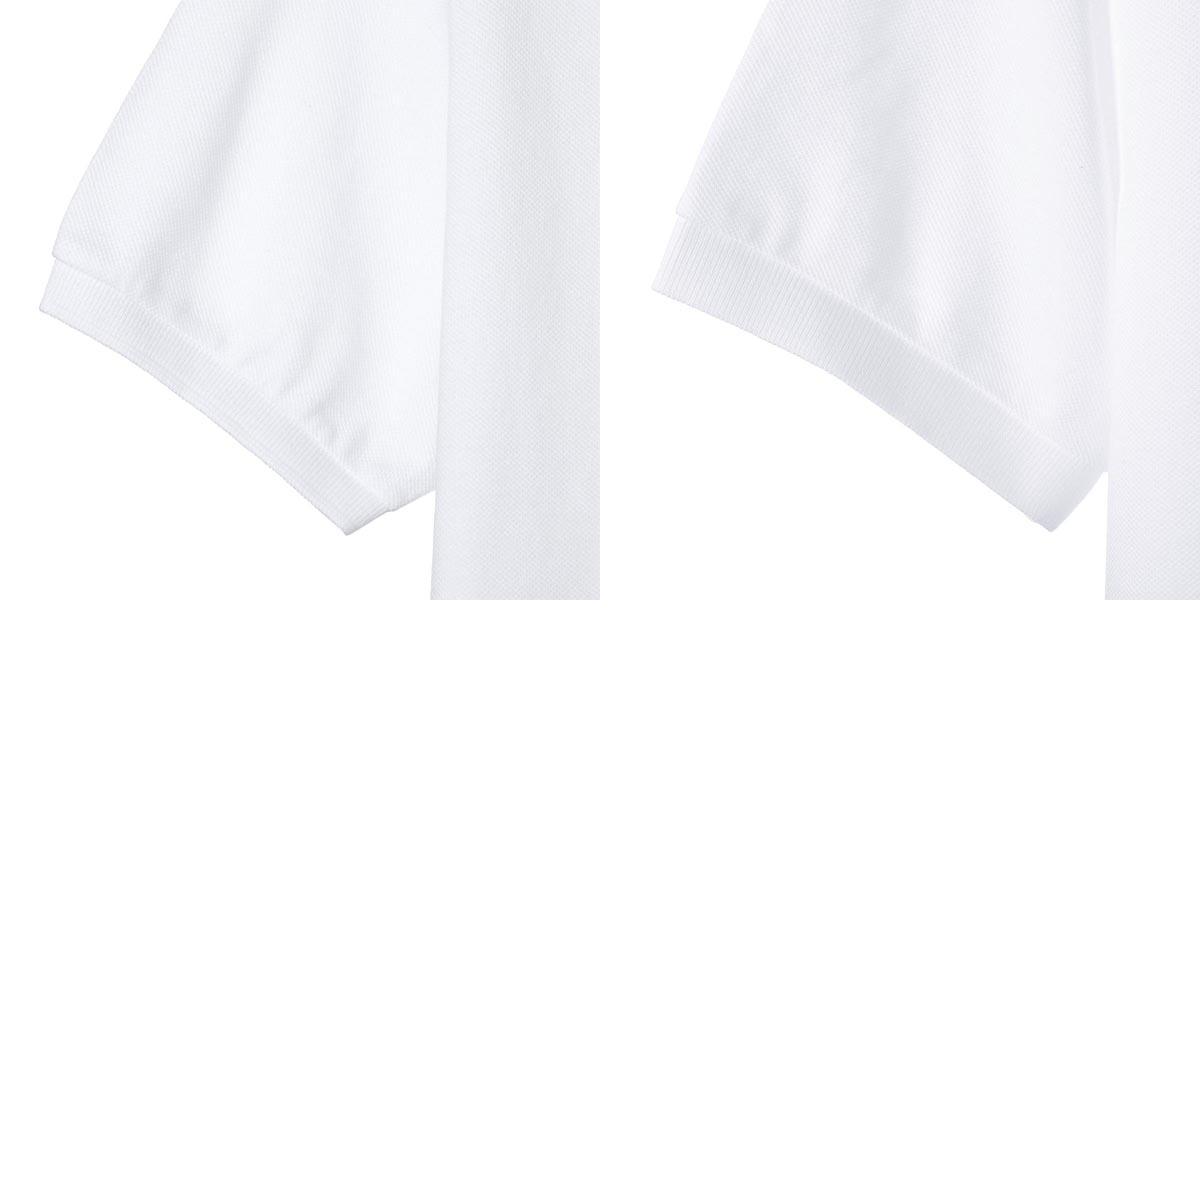 【アウトレット】LACOSTE ラコステ ポロシャツ/Lacoste Classic Fit L.12.12 Polo Shirt【大きいサイズあり】 メンズ